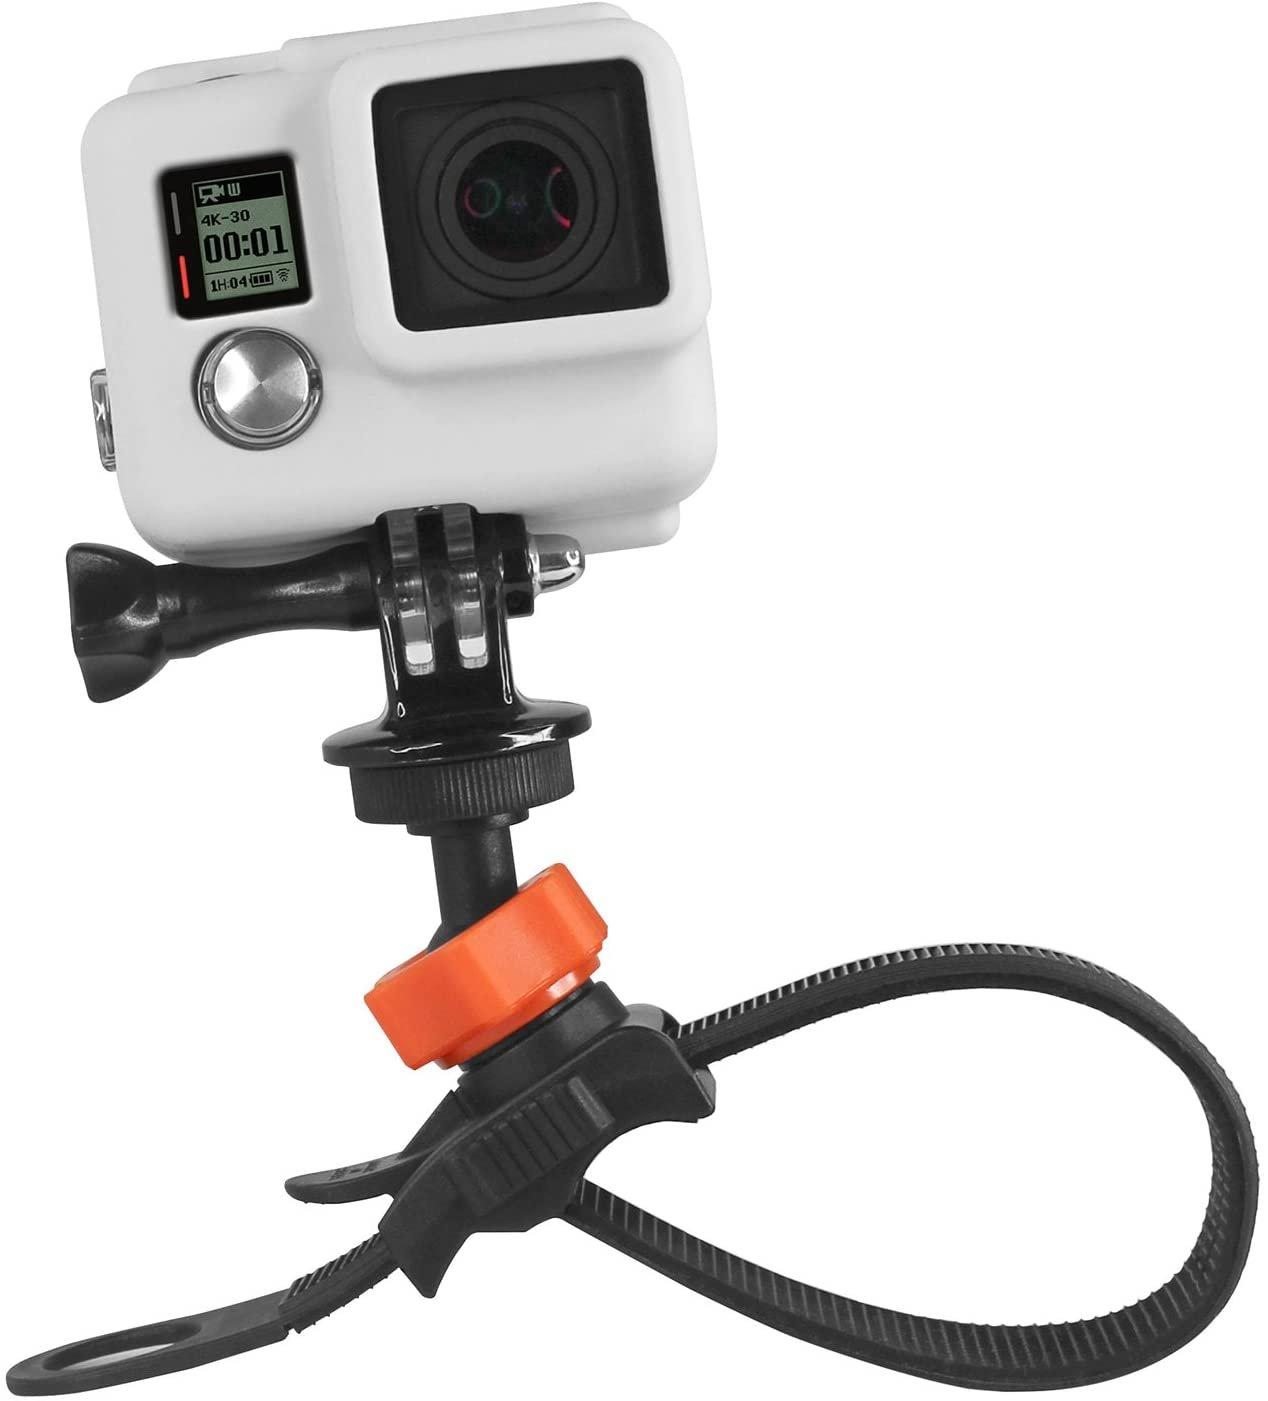 XSories XStrap, Releasable Zip-Tie Compact Camera